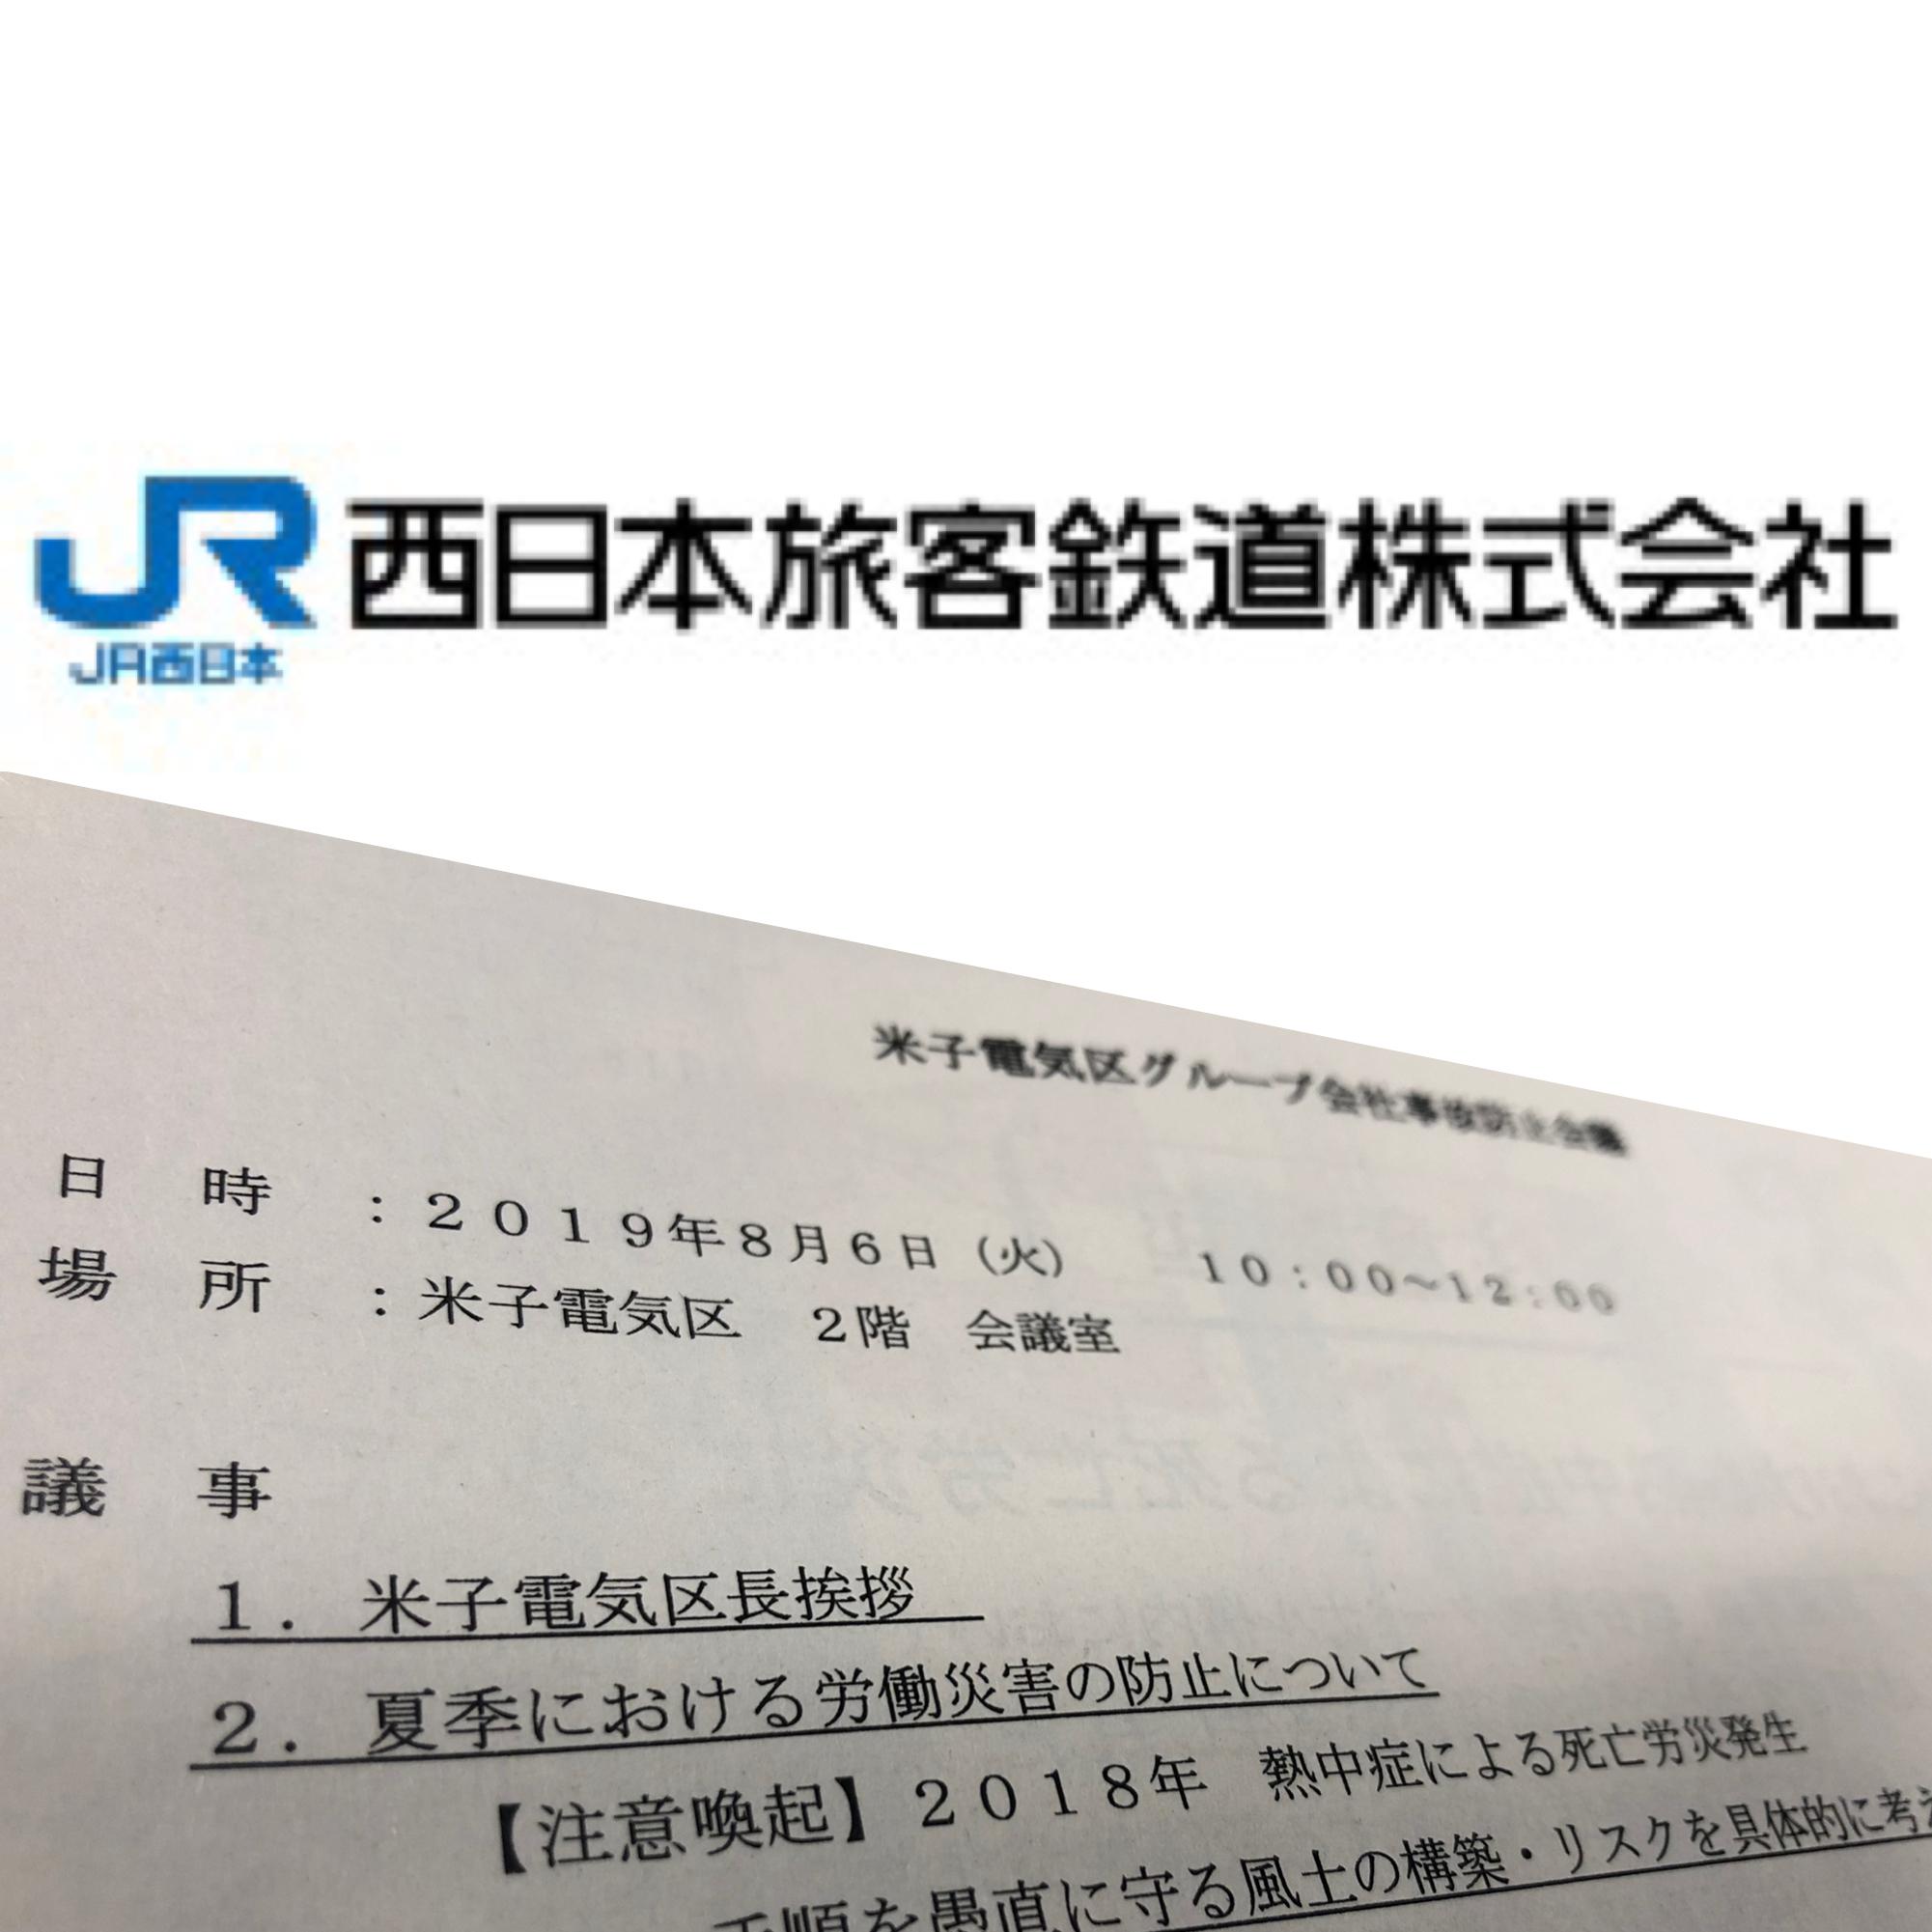 西日本旅客鉄道株式会社 米子電気区グループ会社 事故防止会議